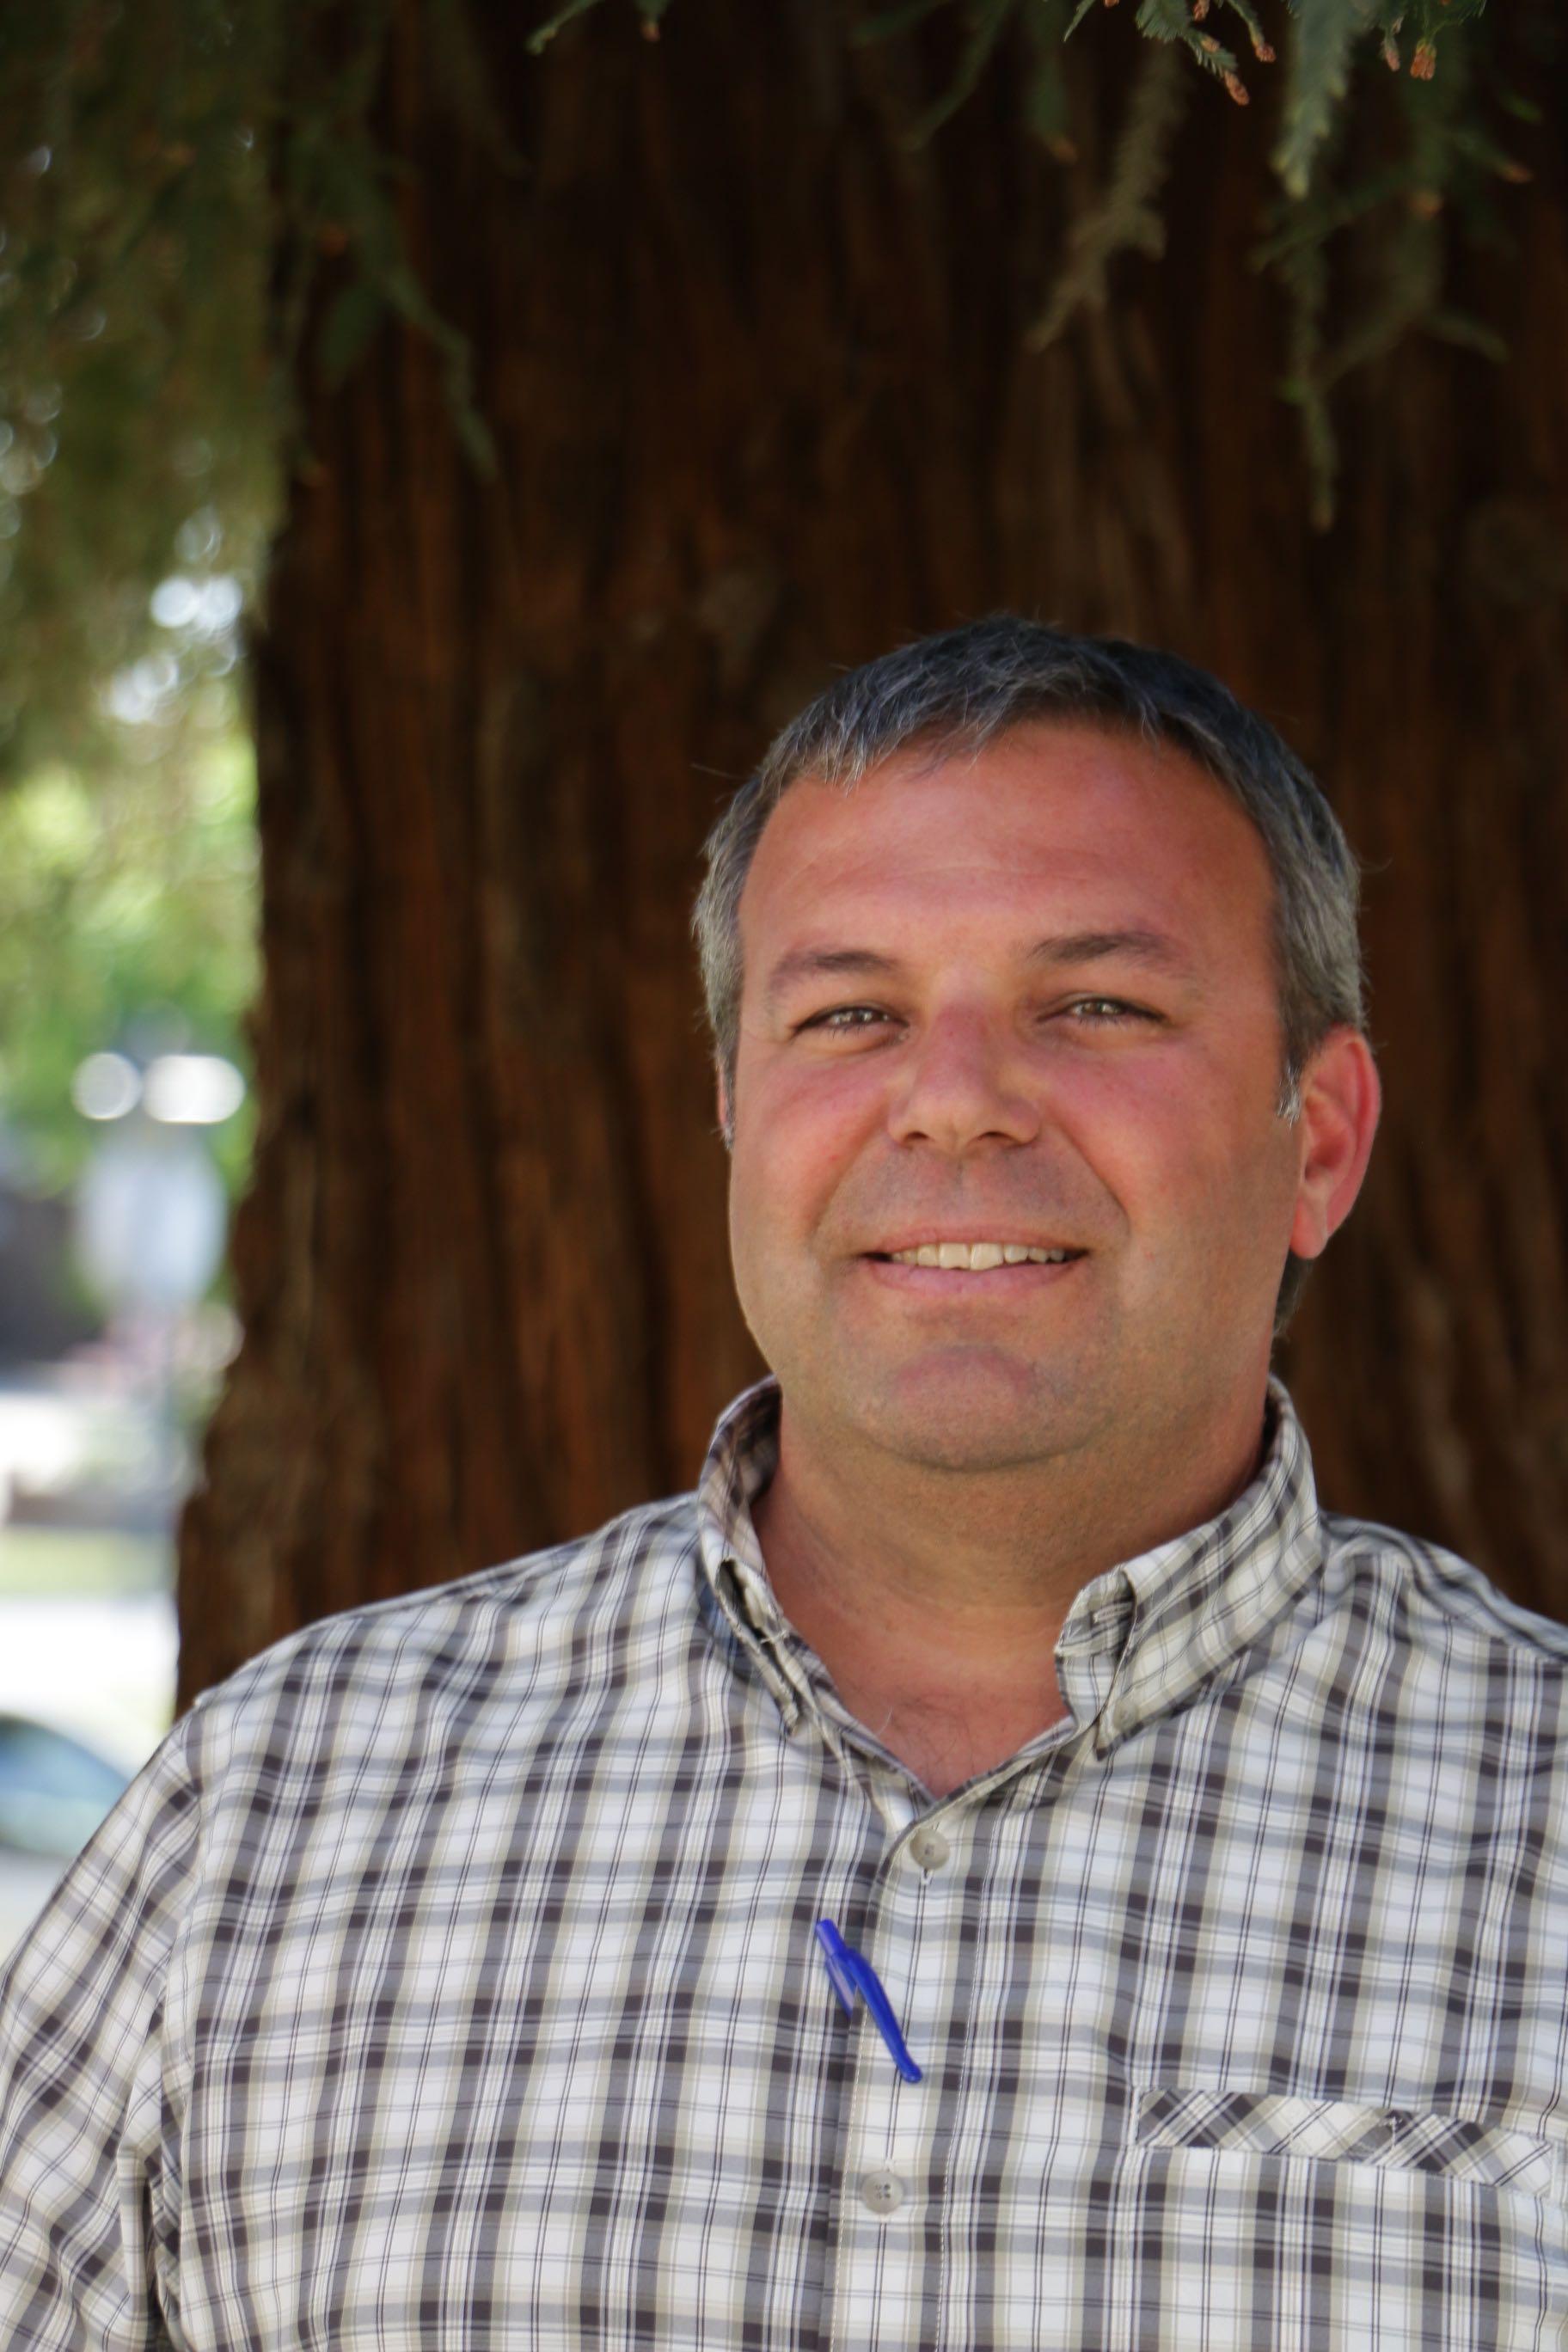 Mike Serpa